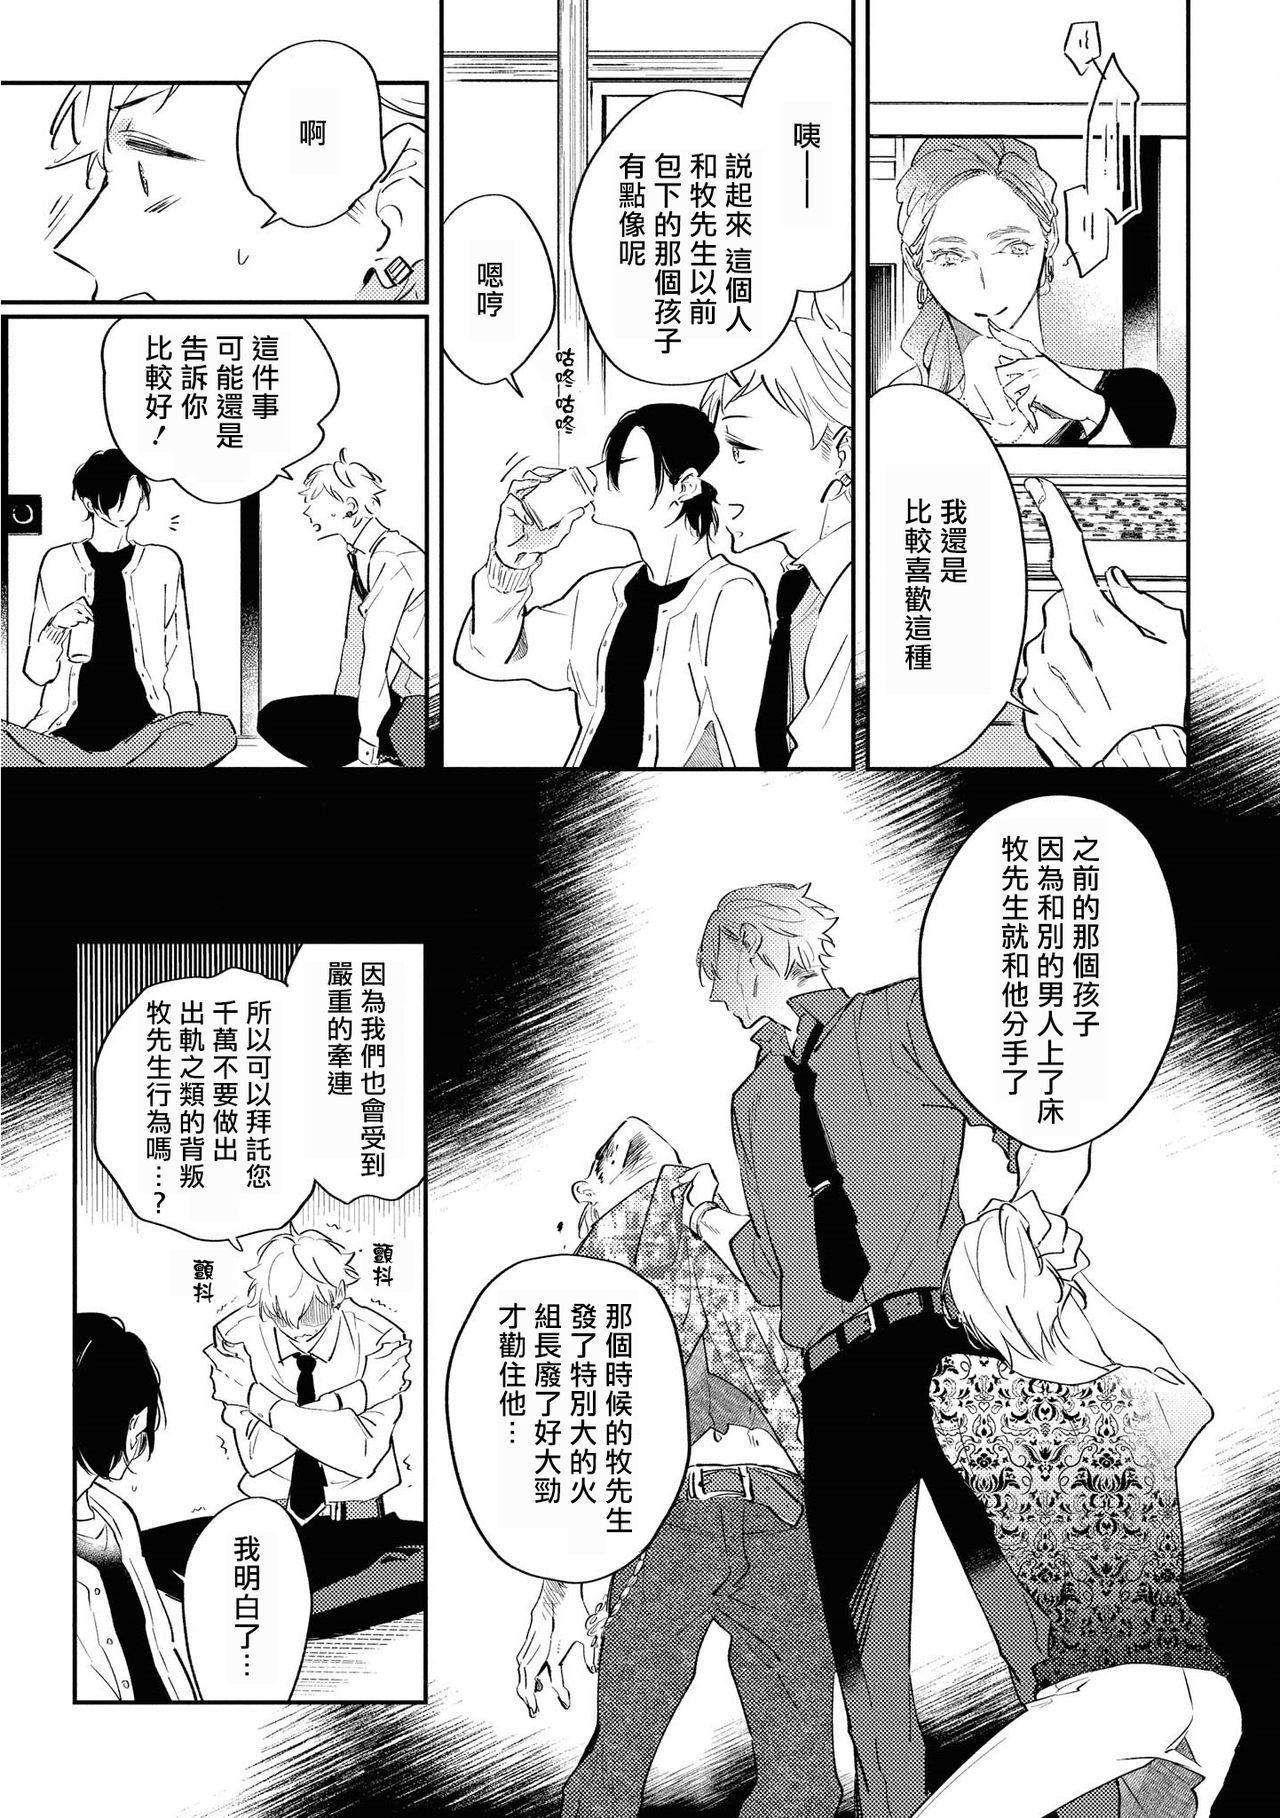 Okane Ariki no Kankei desu ga | 与债有关 Ch. 1-4 62